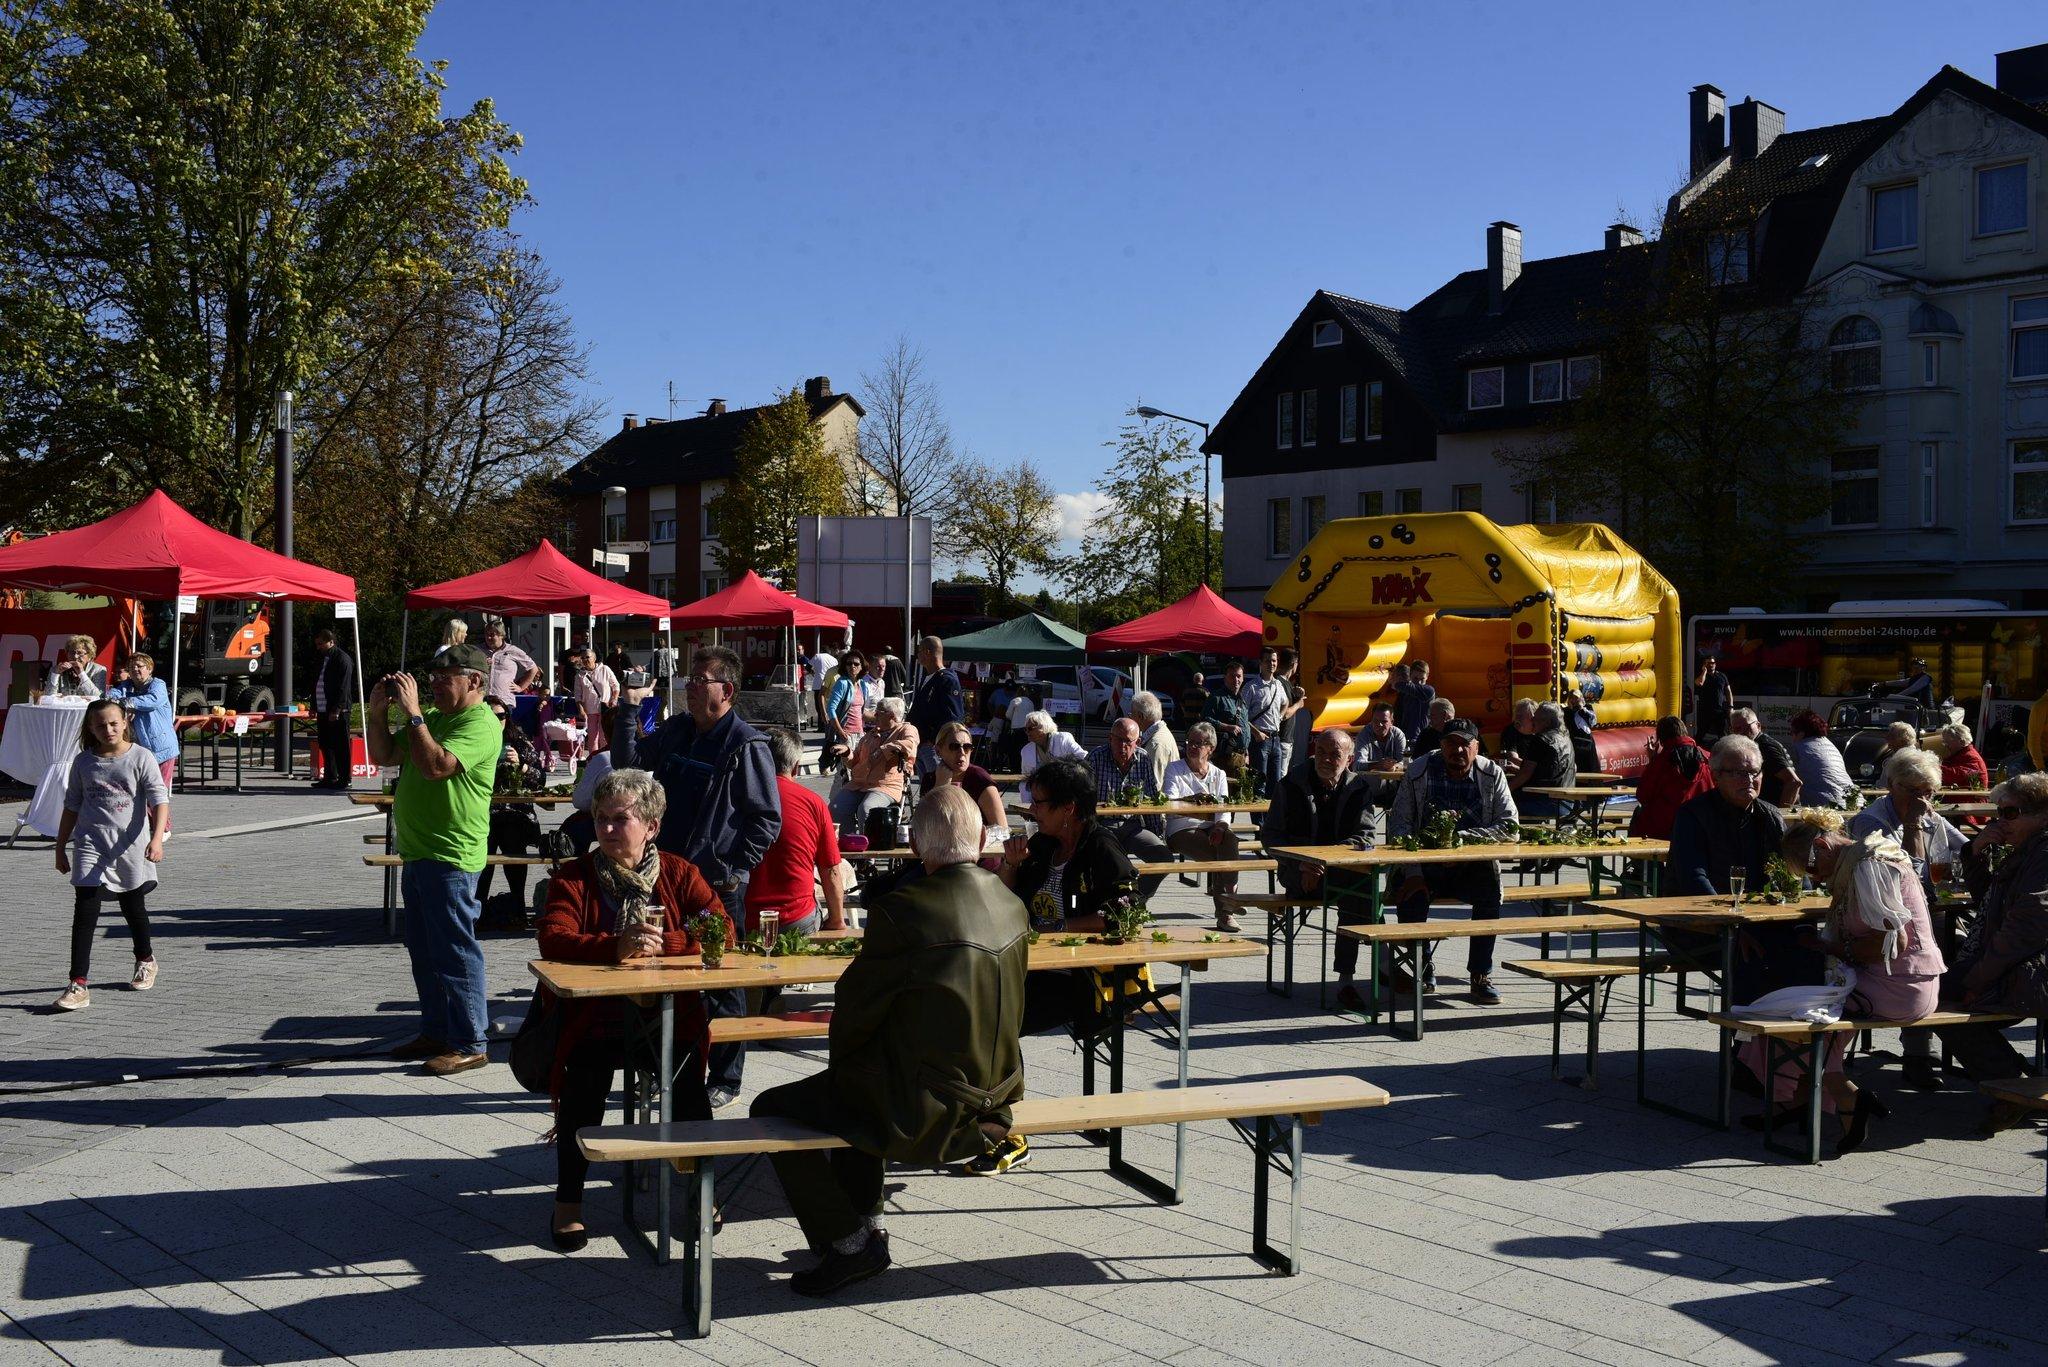 Der Bürgerplatz In Lünen Süd Ist Eröffnet Lünen